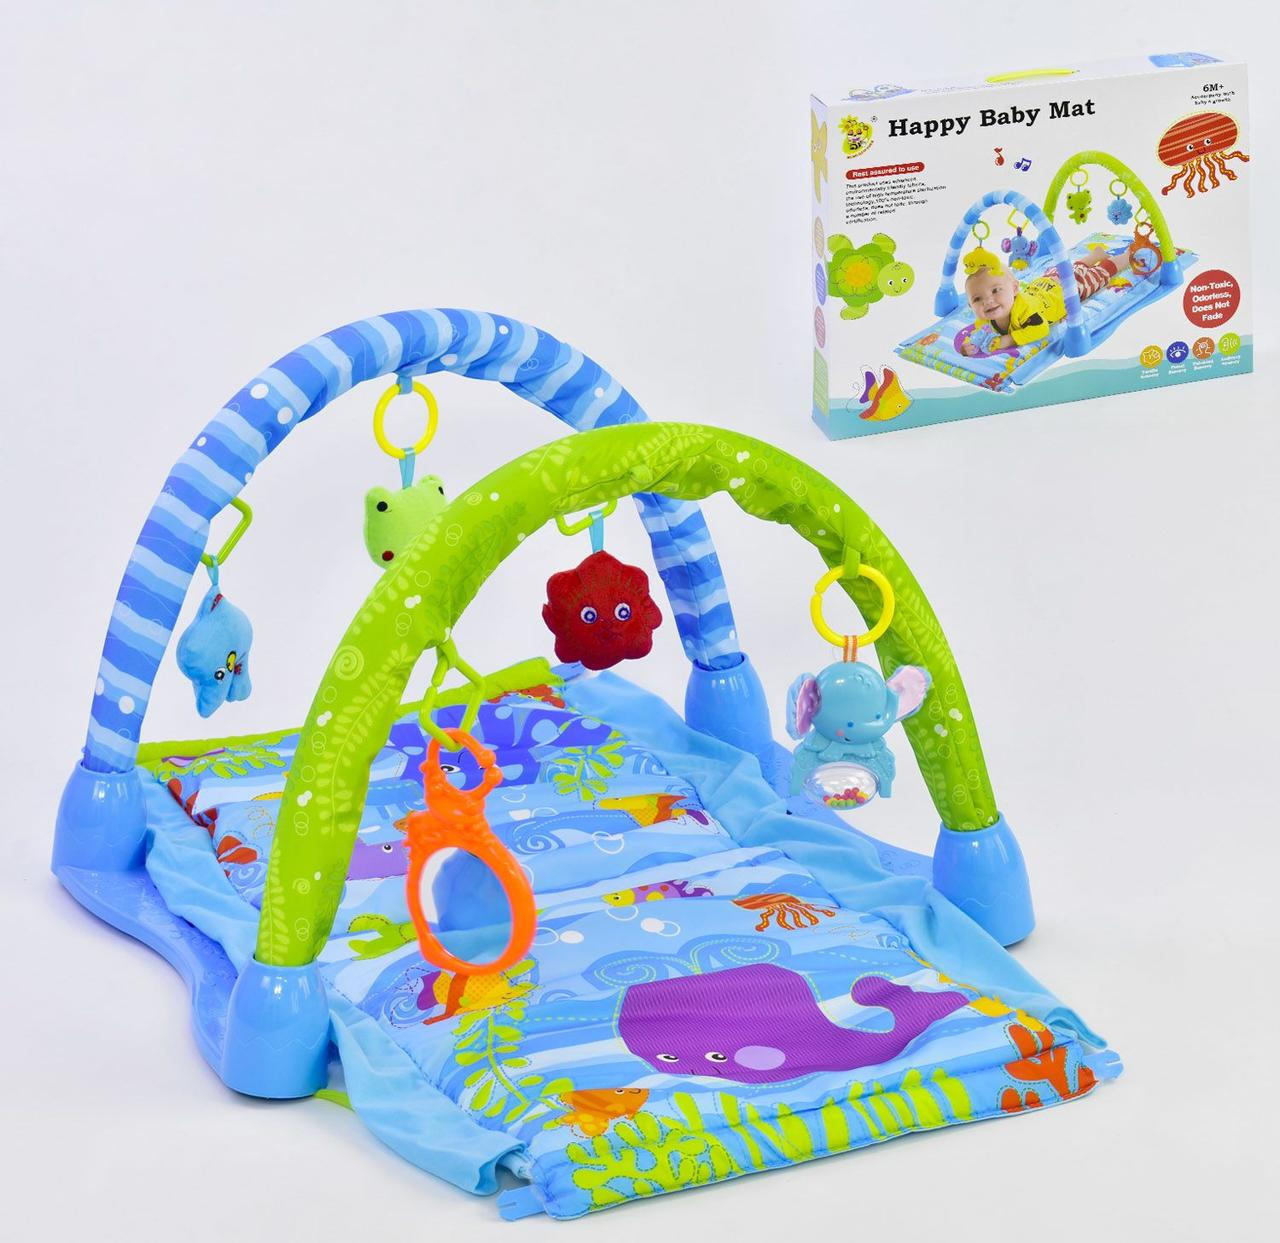 Килимок ігровий з 3 м'якими підвісками, 1 музичної підвіскою, Дзеркалом для Малюка